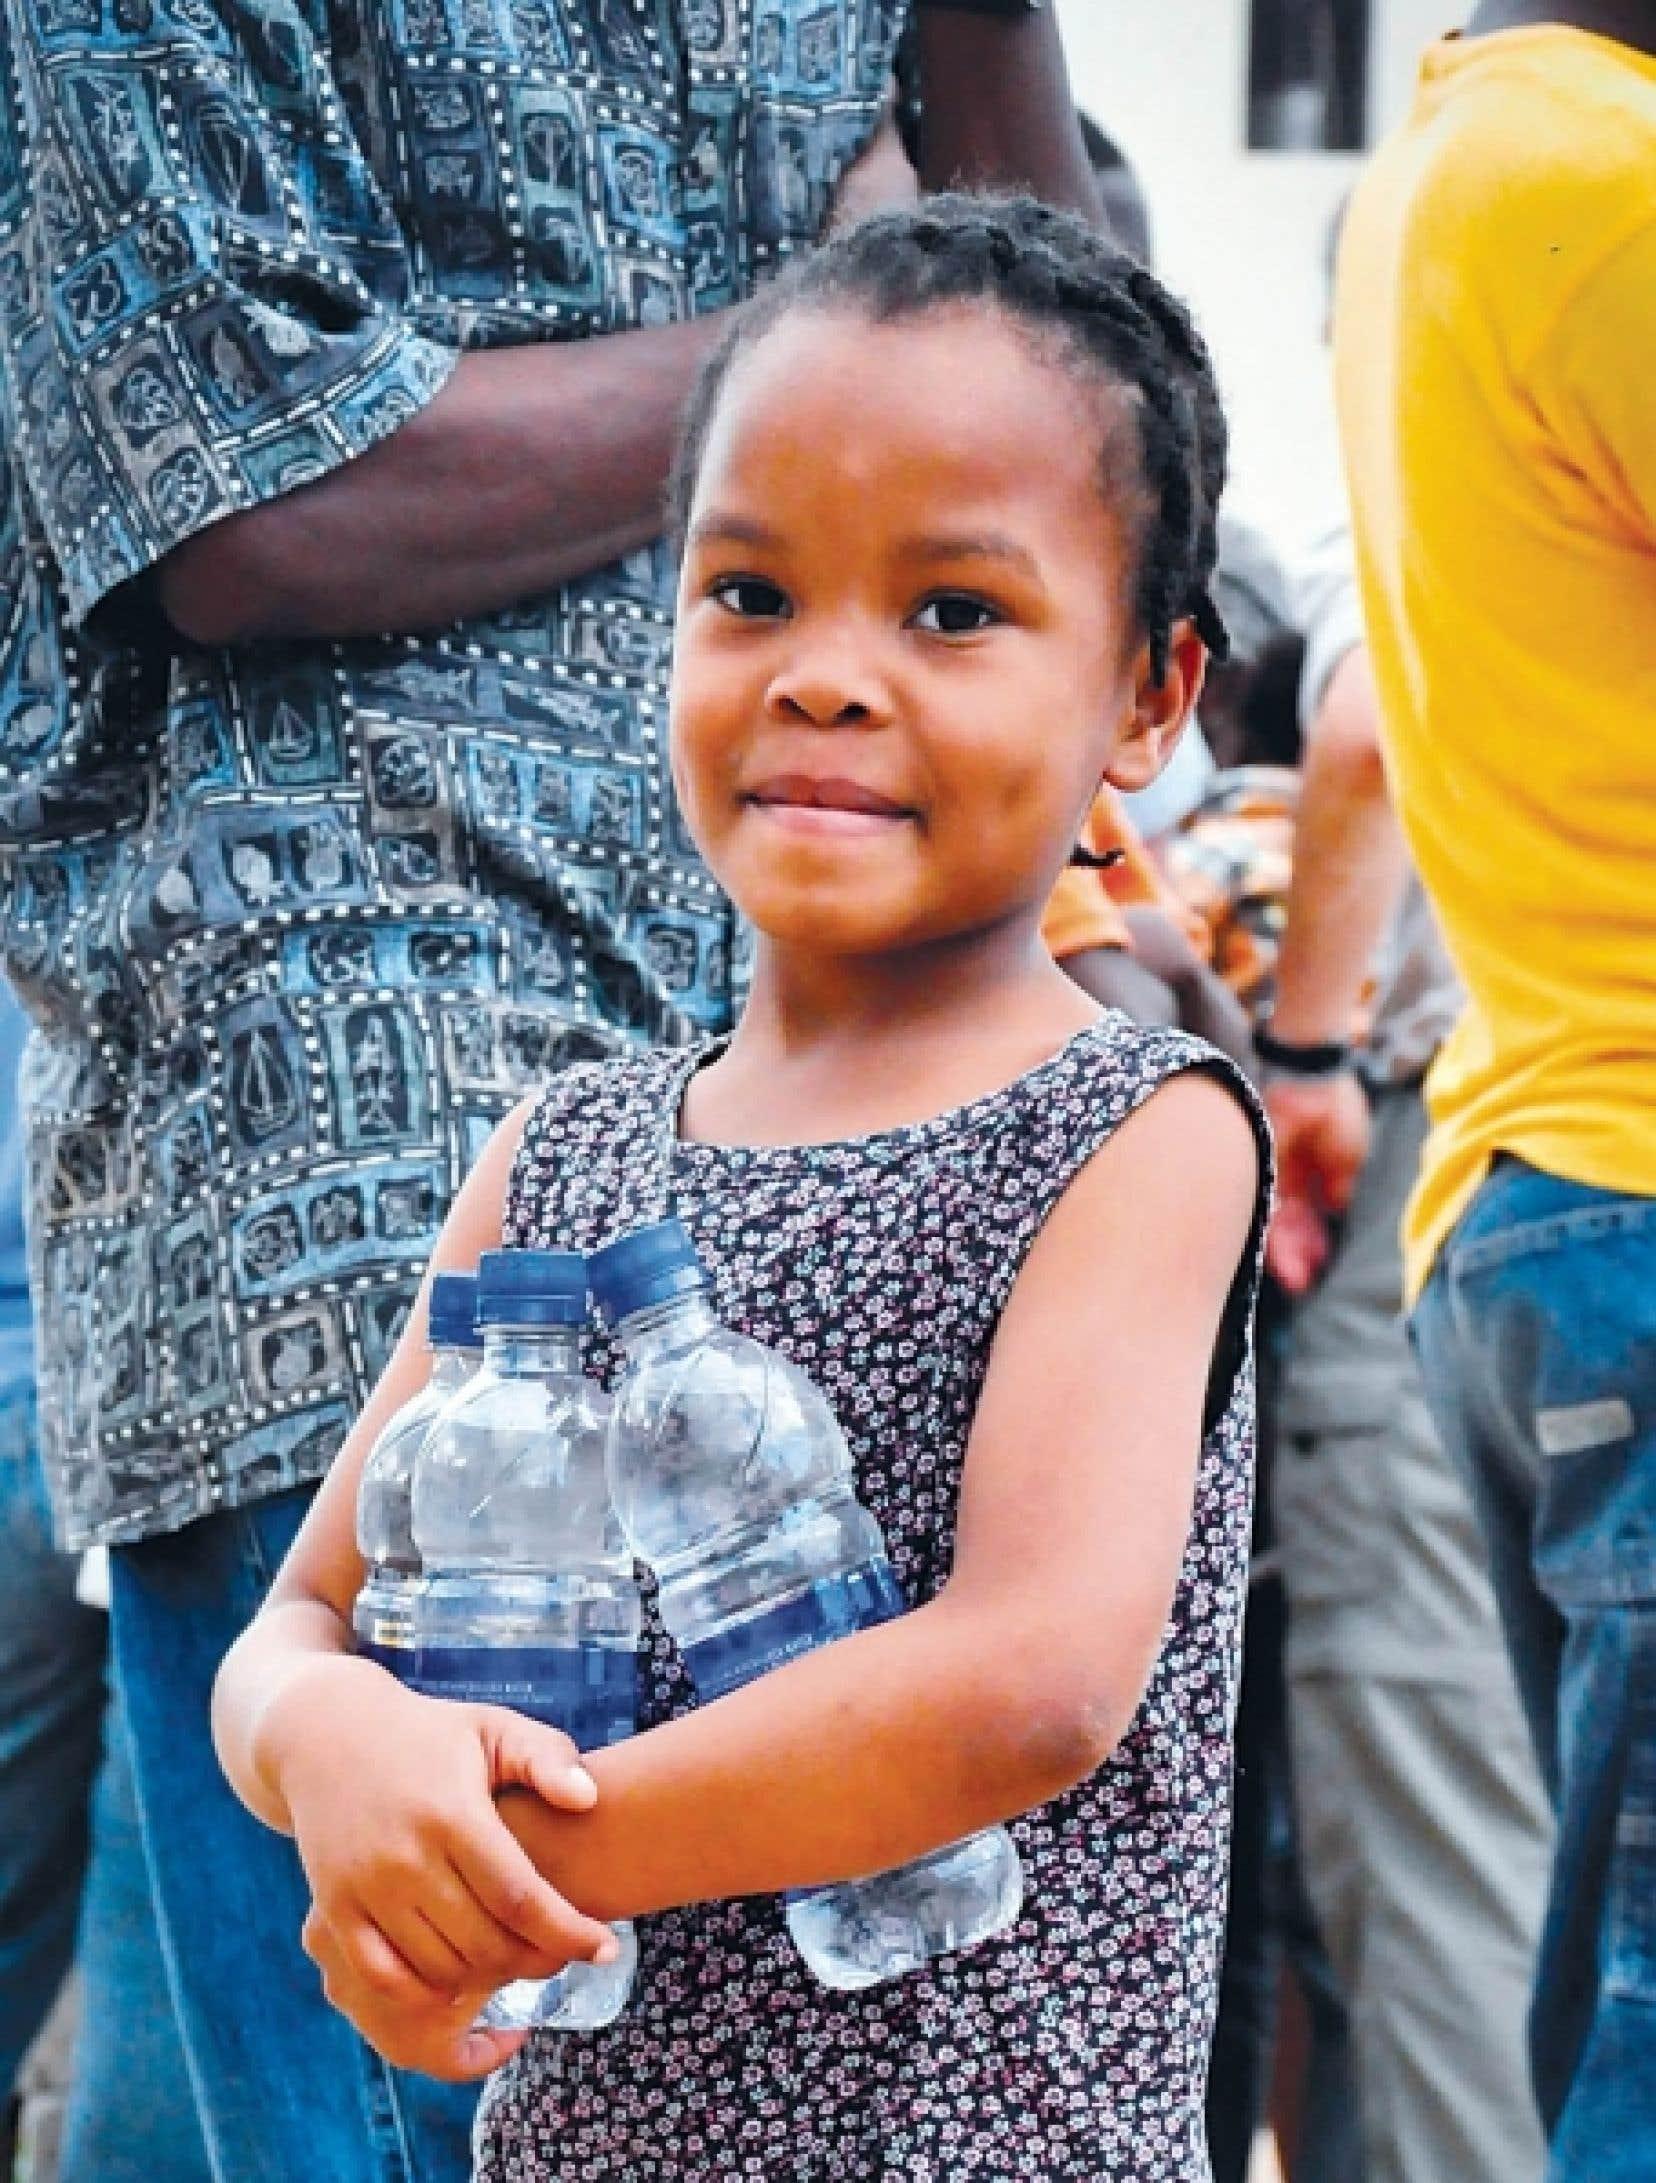 Vision mondiale internationale a amassé 194 millions pour venir en aide à Haïti<br />